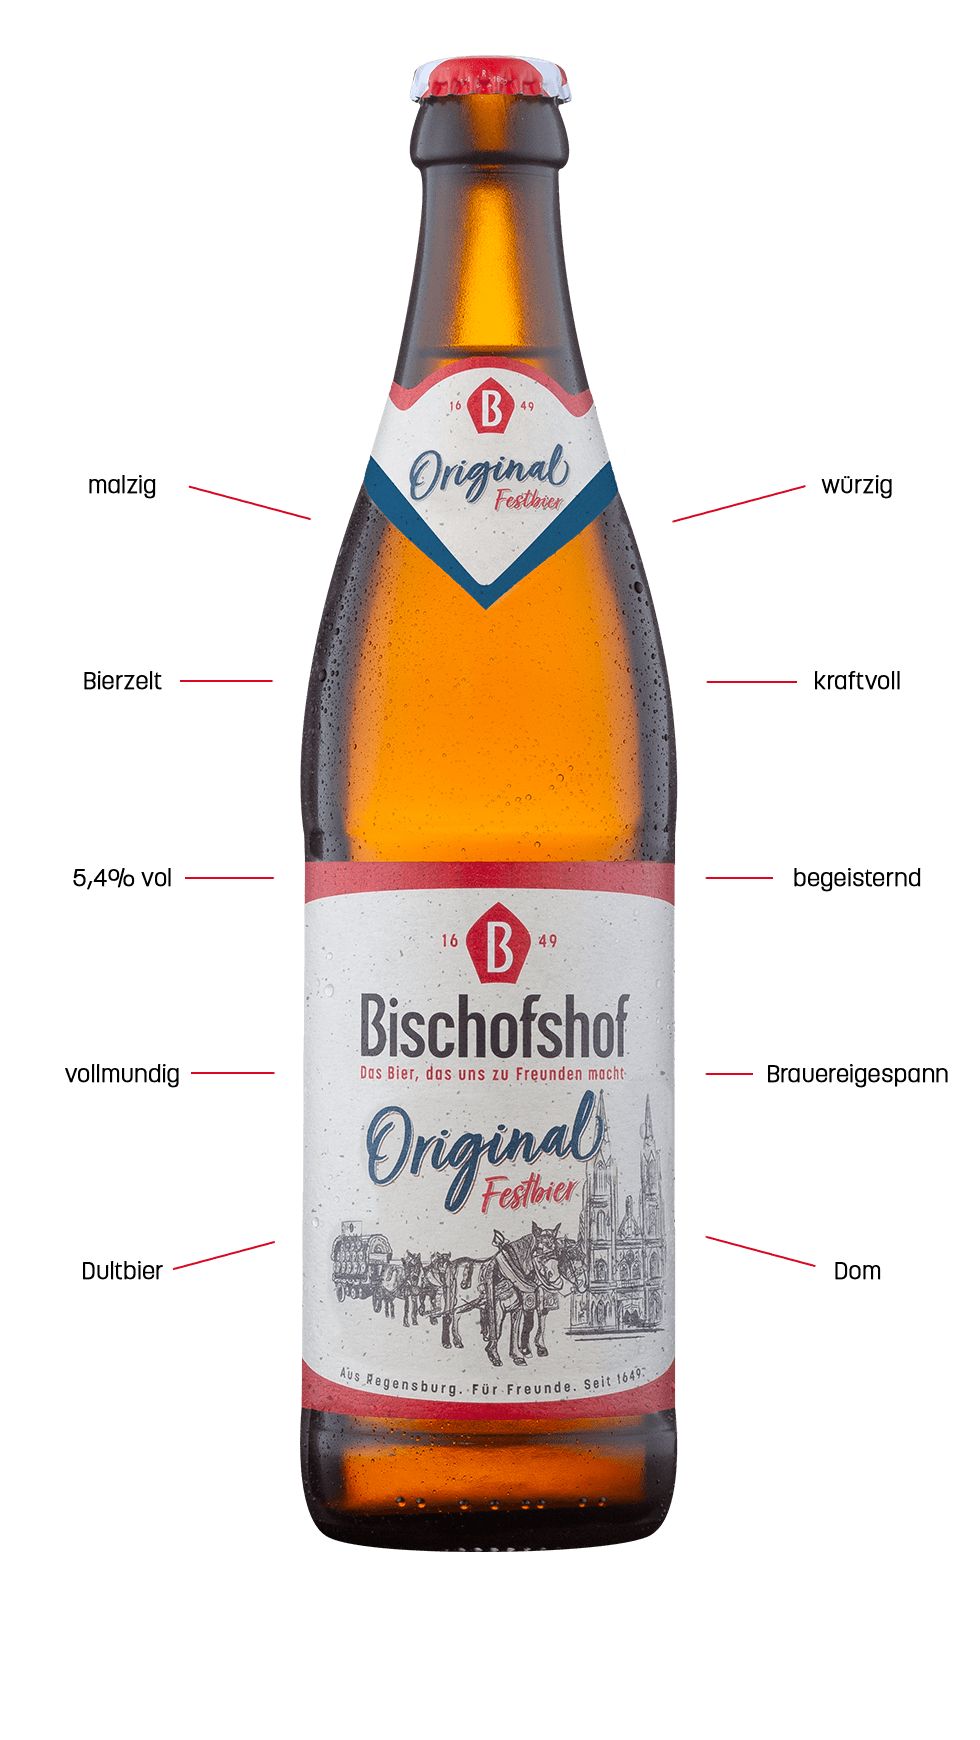 Bischofshof-Original-Festbier-0-5l_ManhartMedia_Schlagwoerter_02